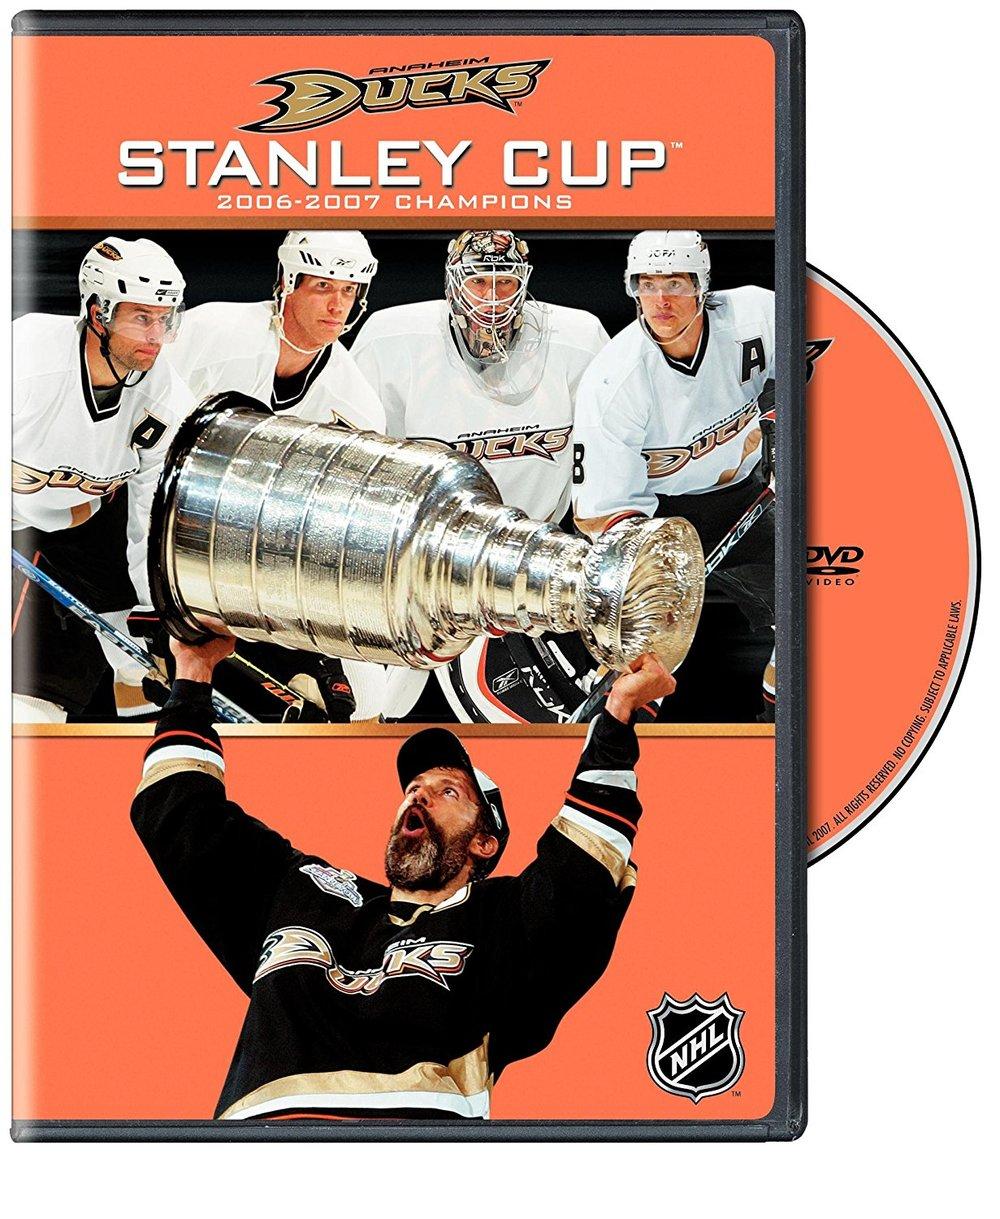 Stanley Cup Anaheim Ducks skew.jpg